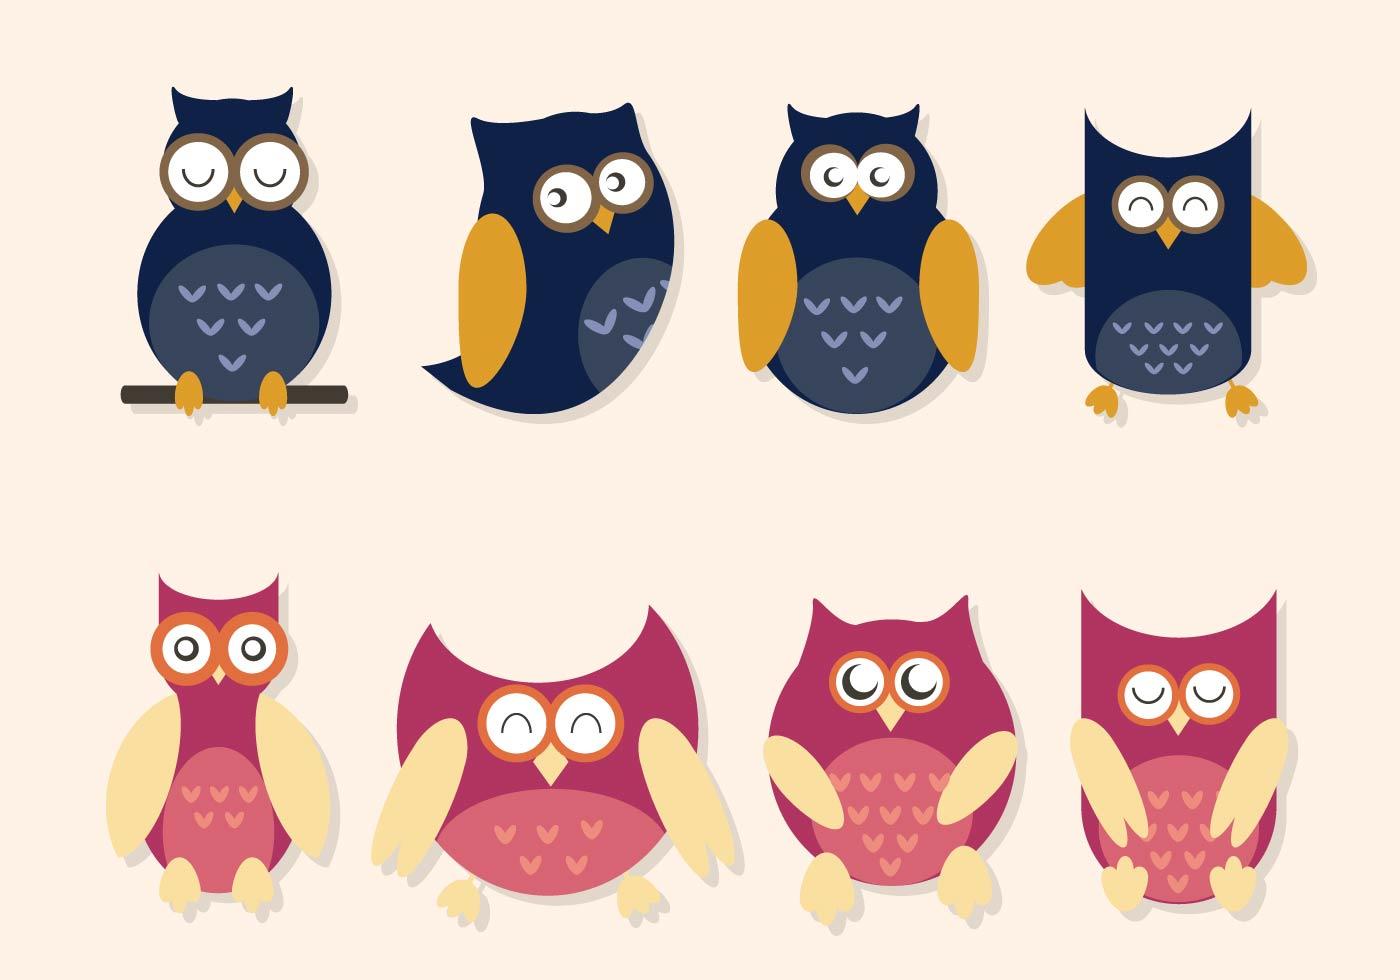 Flat Owl Vectors - Download Free Vectors, Clipart Graphics ...